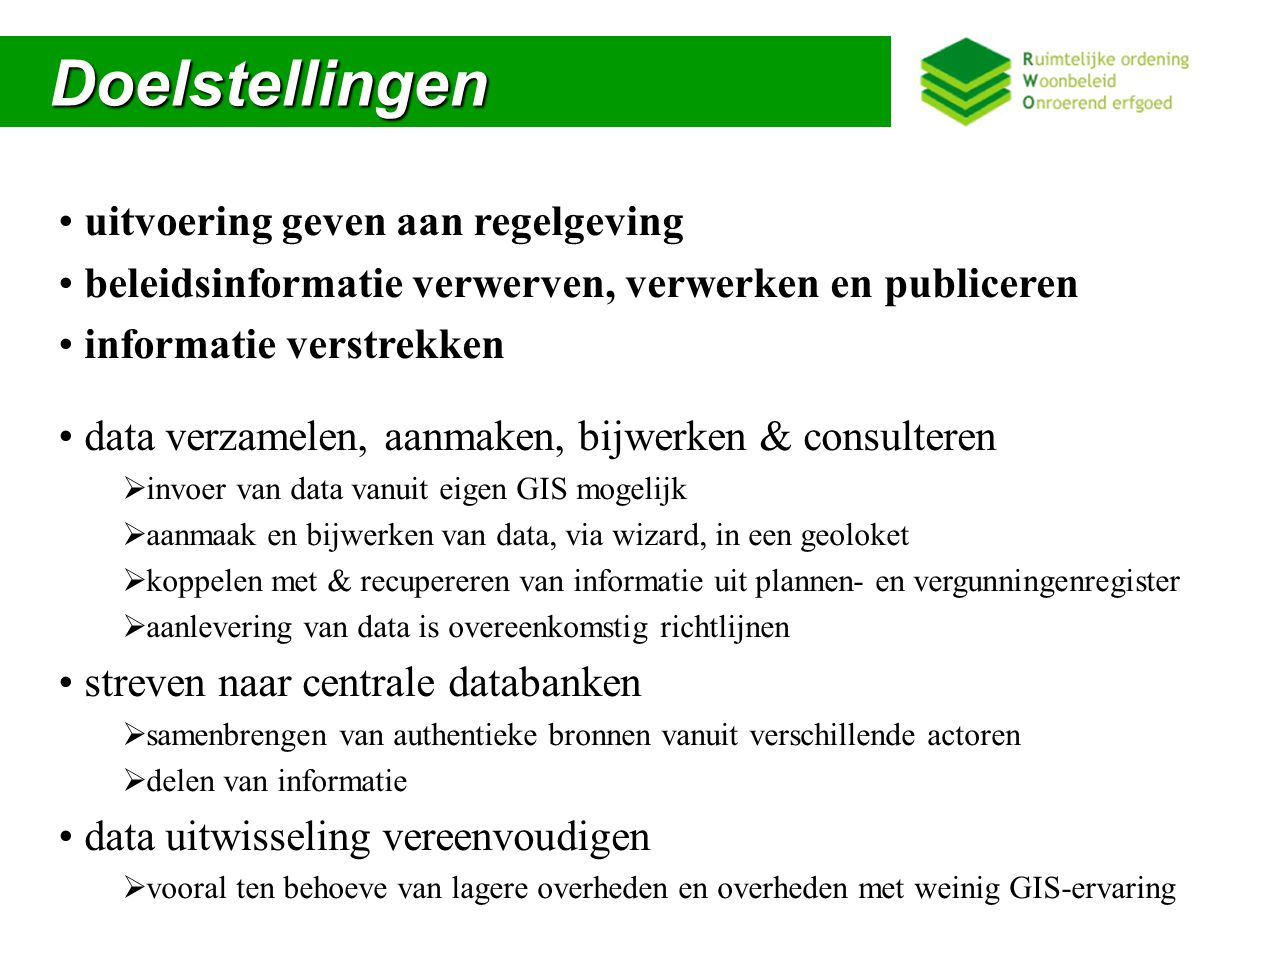 Regelgevend kader Regelgevend kader Bouw en update van geoloketten, door K&I, ter uitvoering van decreten en uitvoeringsbesluiten  Register Onbebouwde Percelen Decreet Ruimtelijke Ordening / Grond- en Pandenbeleid  Planbatenheffing Vlaamse Codex Ruimtelijke Ordening  Leegstandsregister Decreet Grond- en Pandenbeleid  Ter ondersteuning van bovenstaande geoloketten worden specifieke loketten met planinformatie ontwikkeld: gewRUP, proRUP, gemRUP, BPA